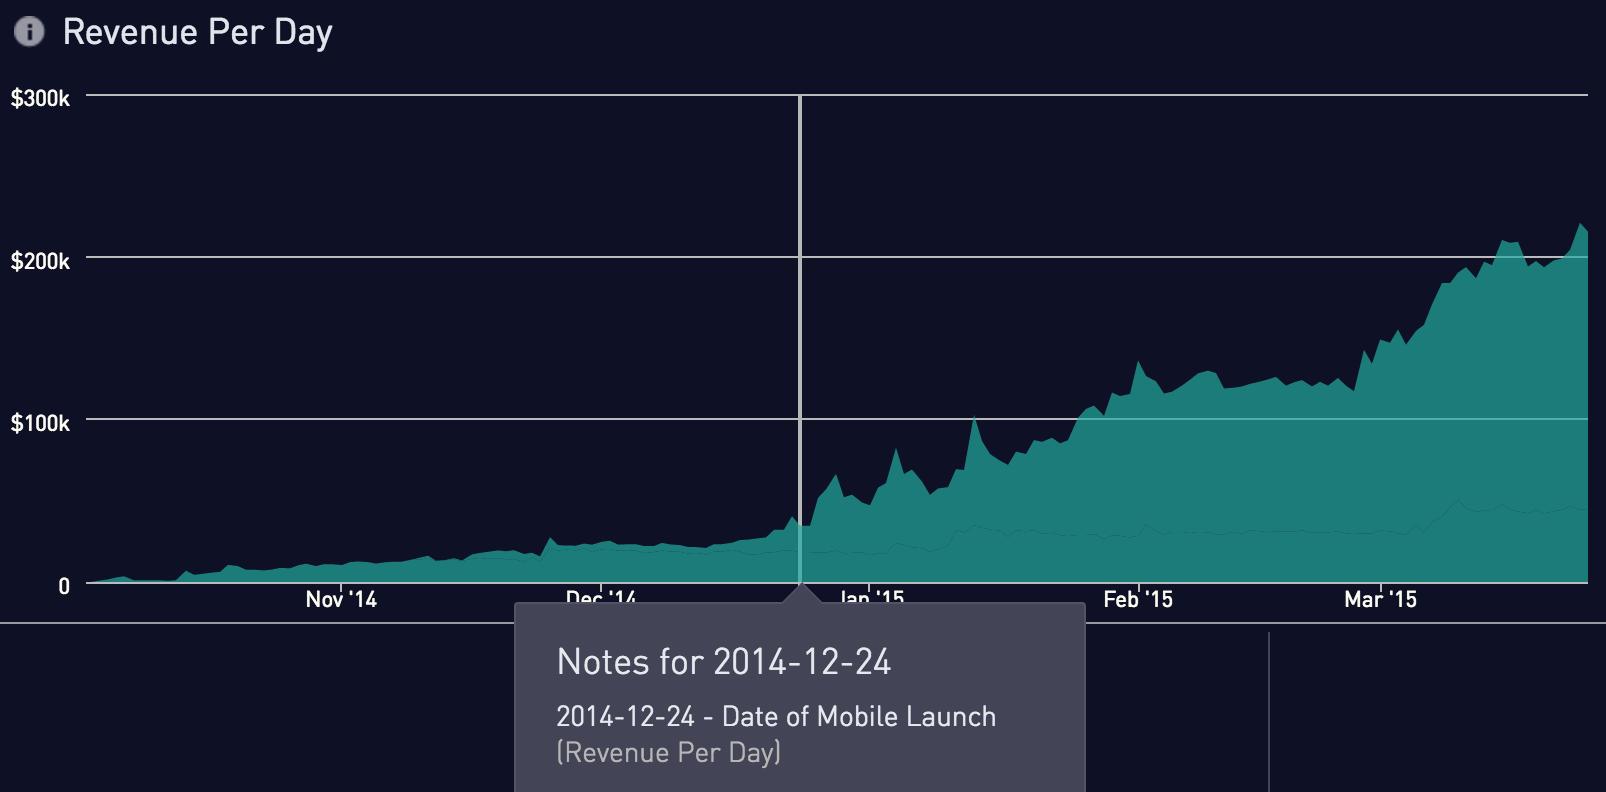 Revenue per day graph